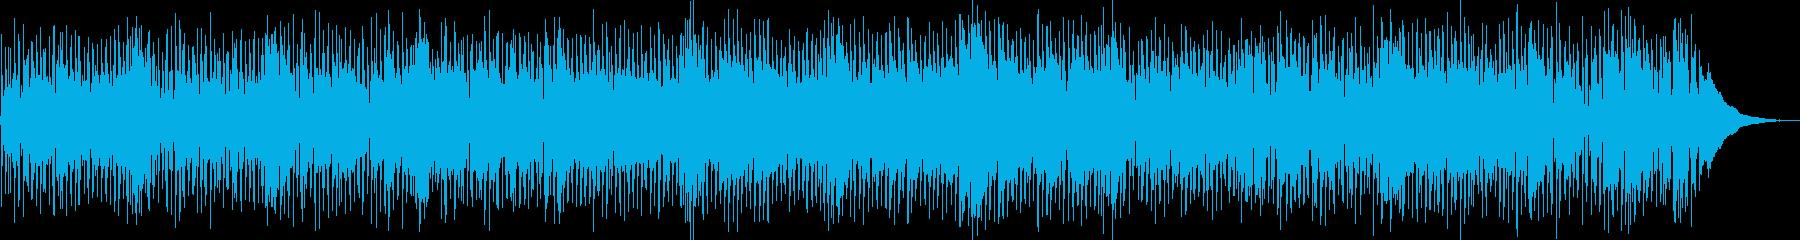 心が弾むウキウキしたモータウンサウンドの再生済みの波形